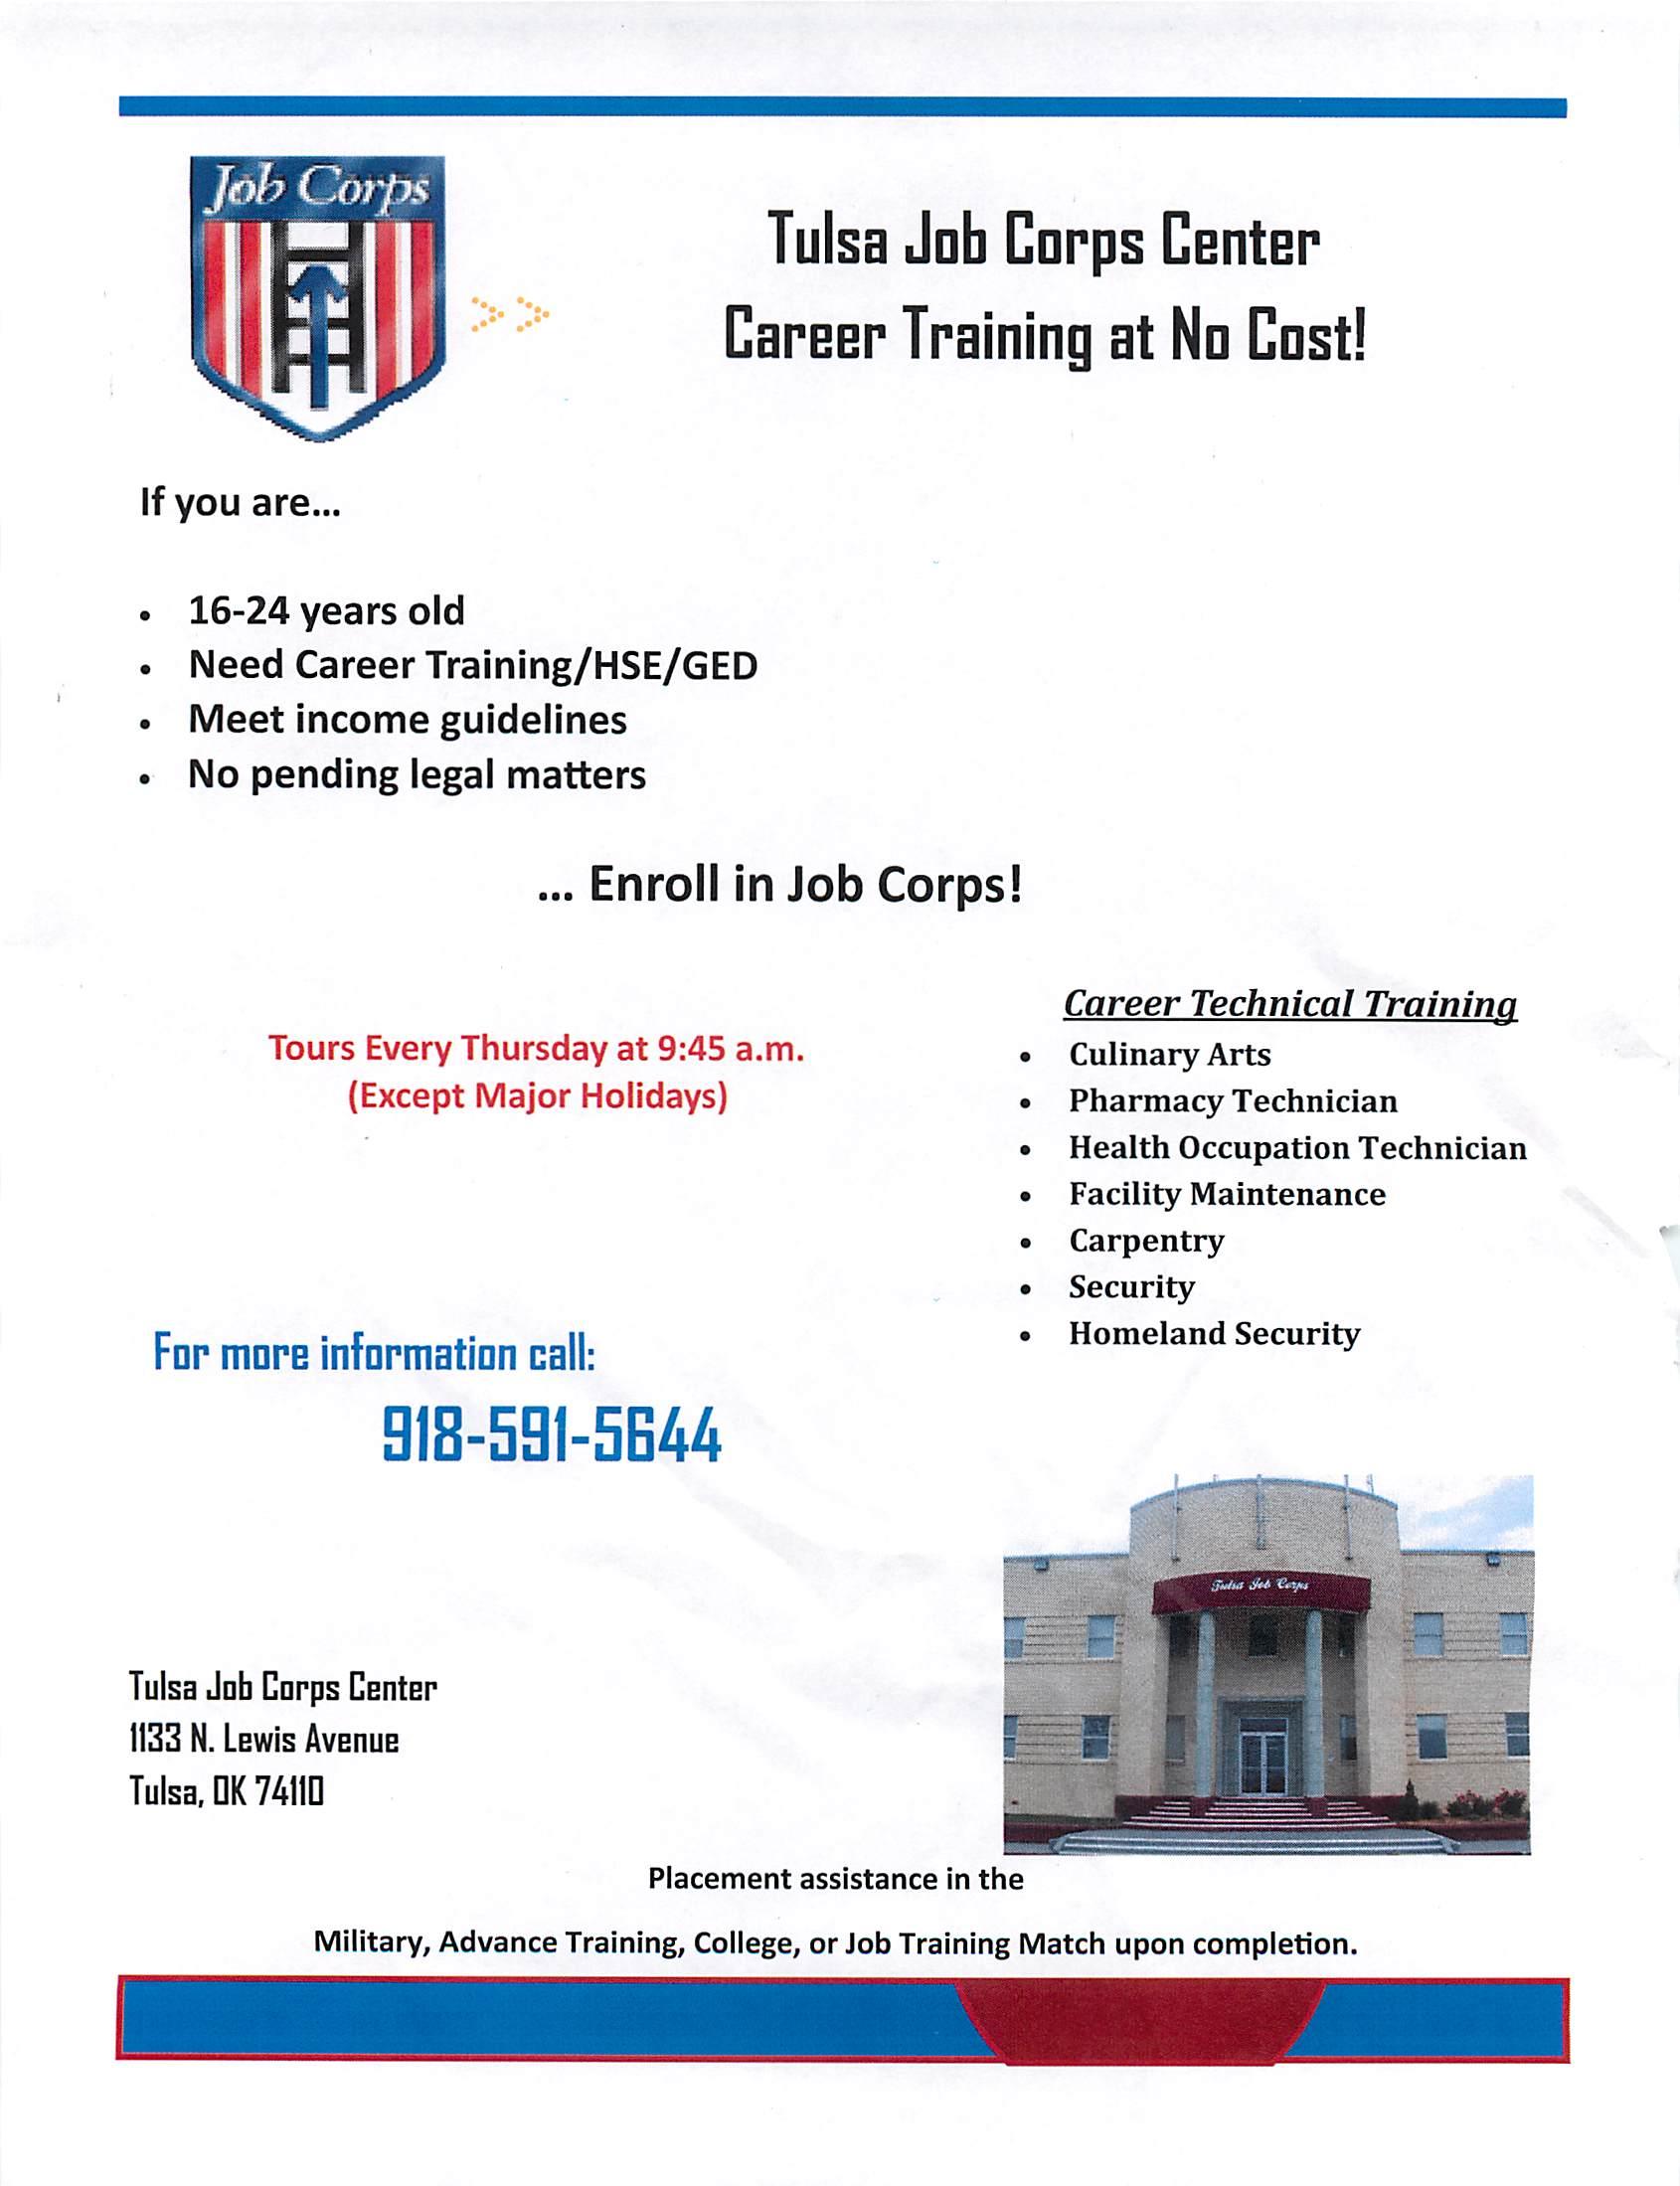 Tulsa Corps Center Job